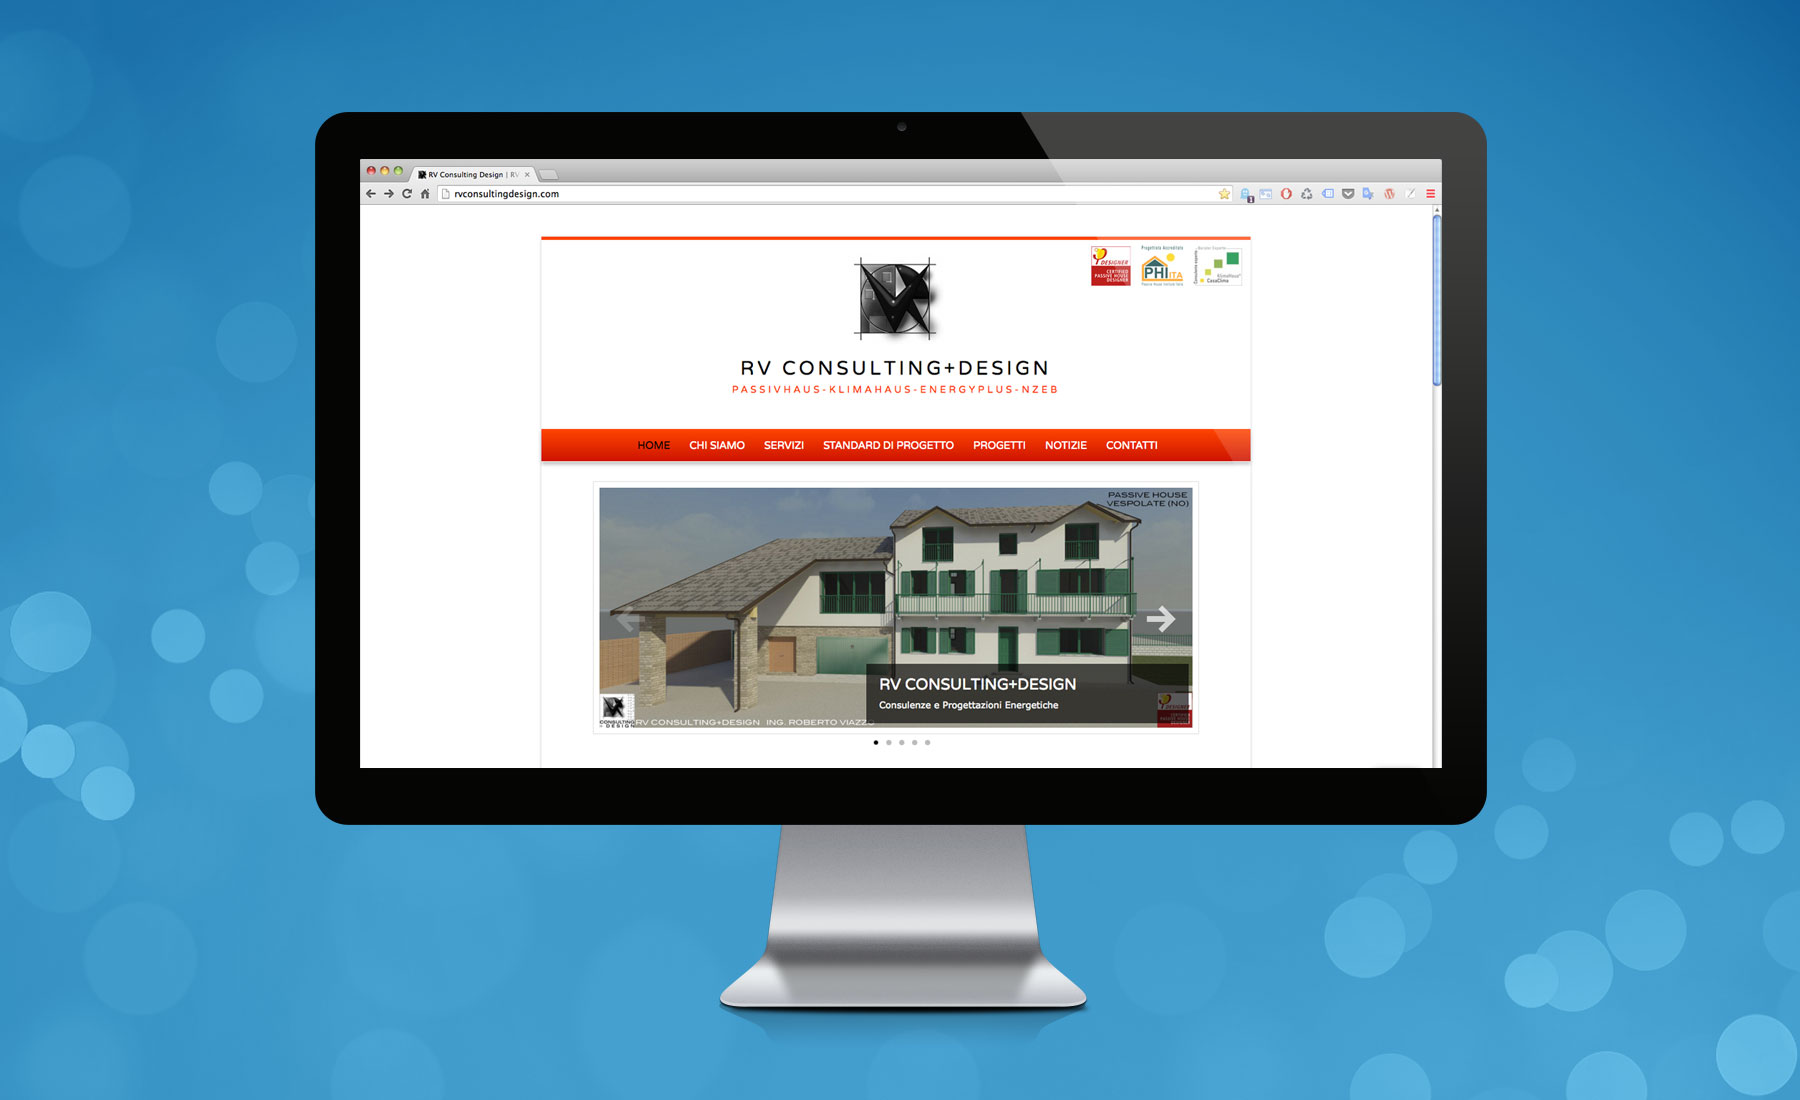 Sito Web RV Consulting